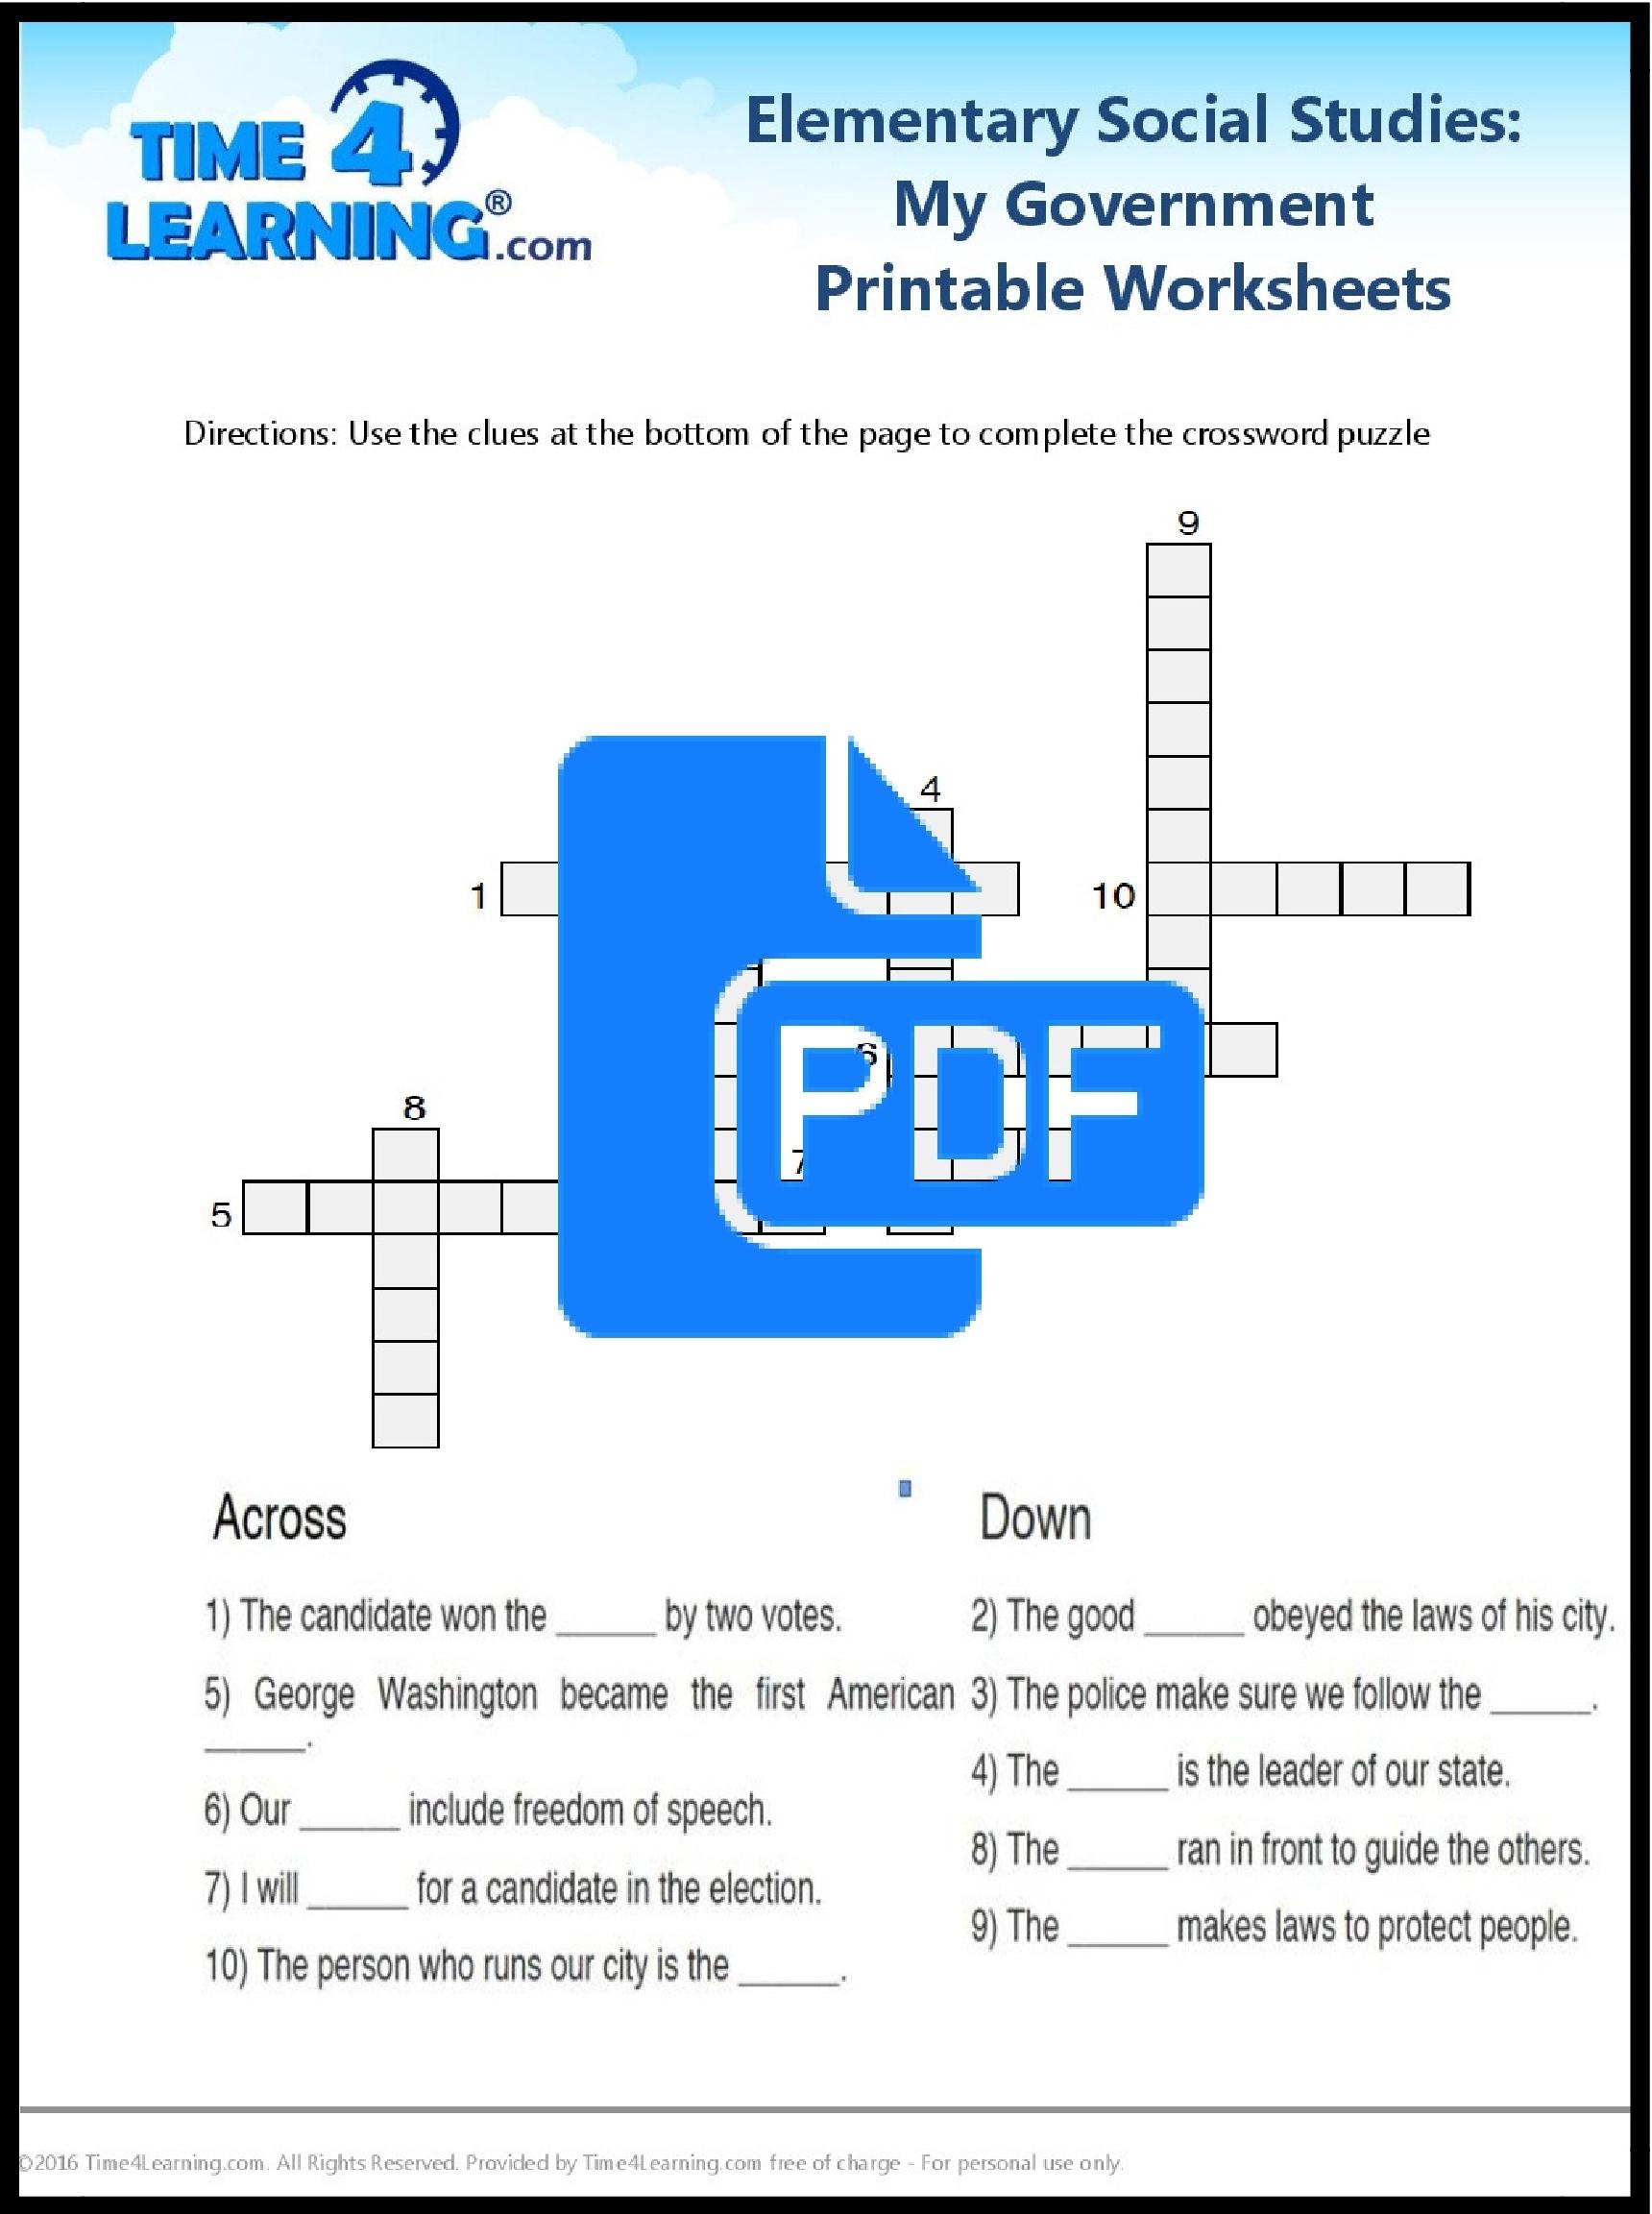 Free Printable: Elementary Social Studies Worksheet ...